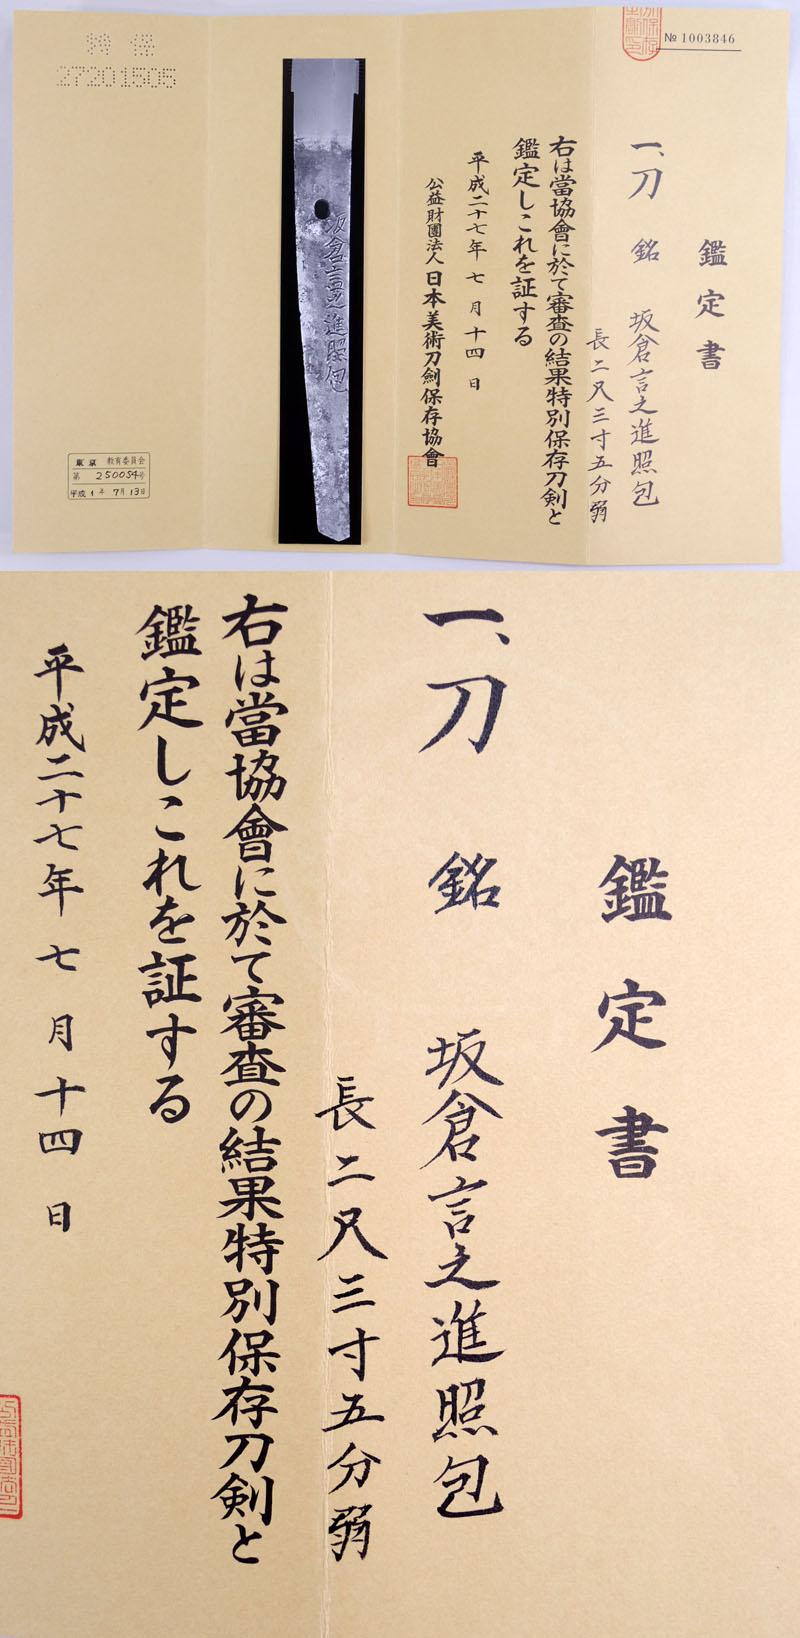 坂倉言之進照包(2代 越後守包貞) Picture of Certificate